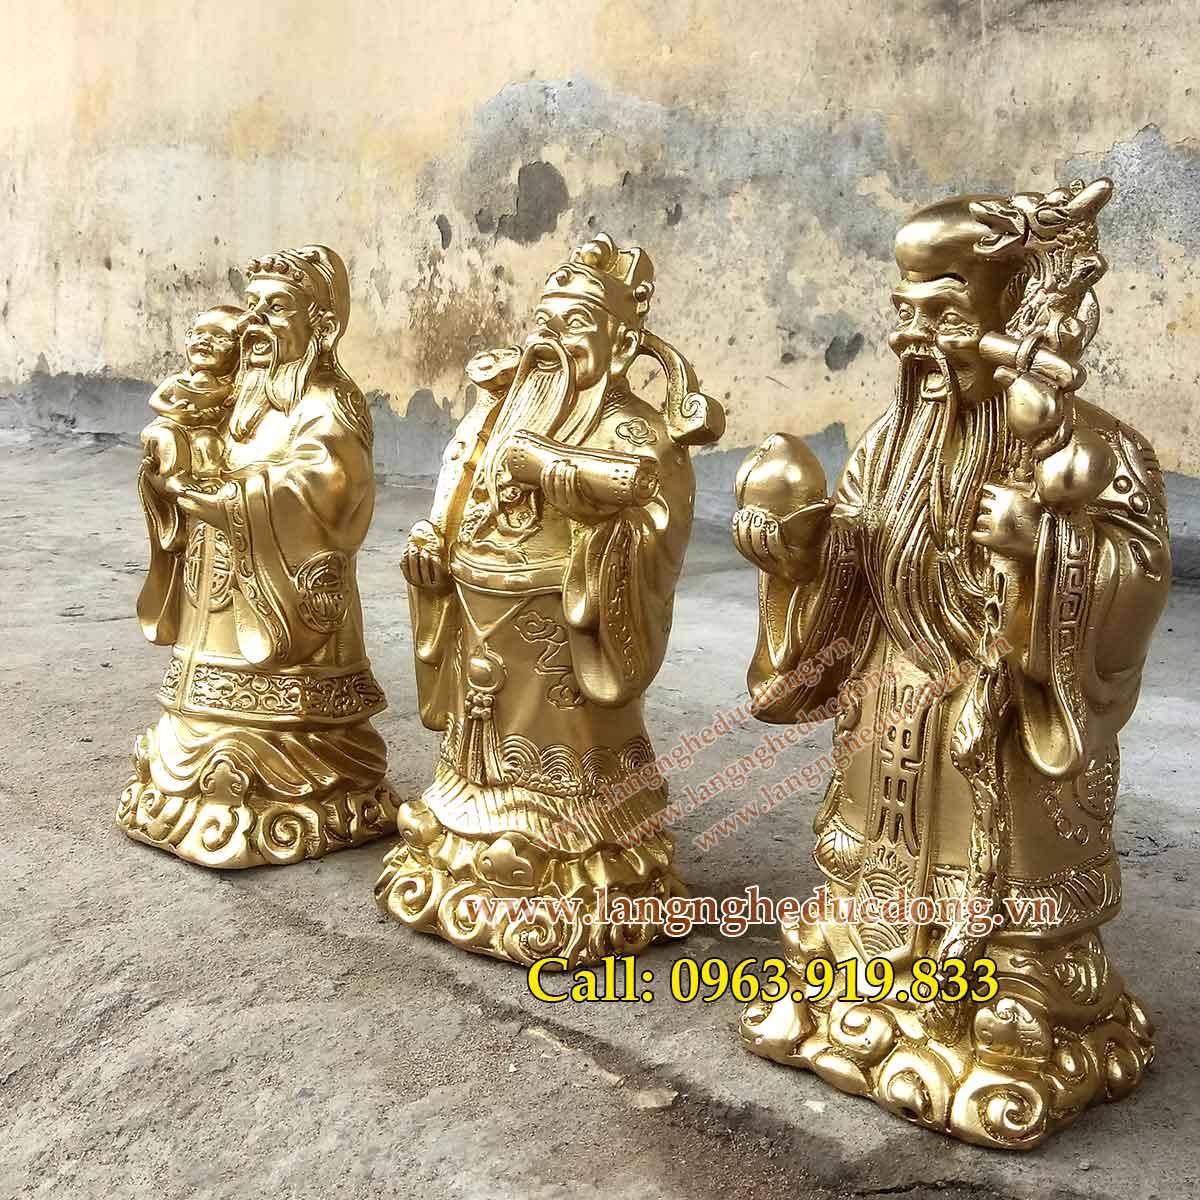 langngheducdong.vn - tượng đồng, tượng tam đa, bộ tượng tam đa bằng đồng vàng cao 23cm